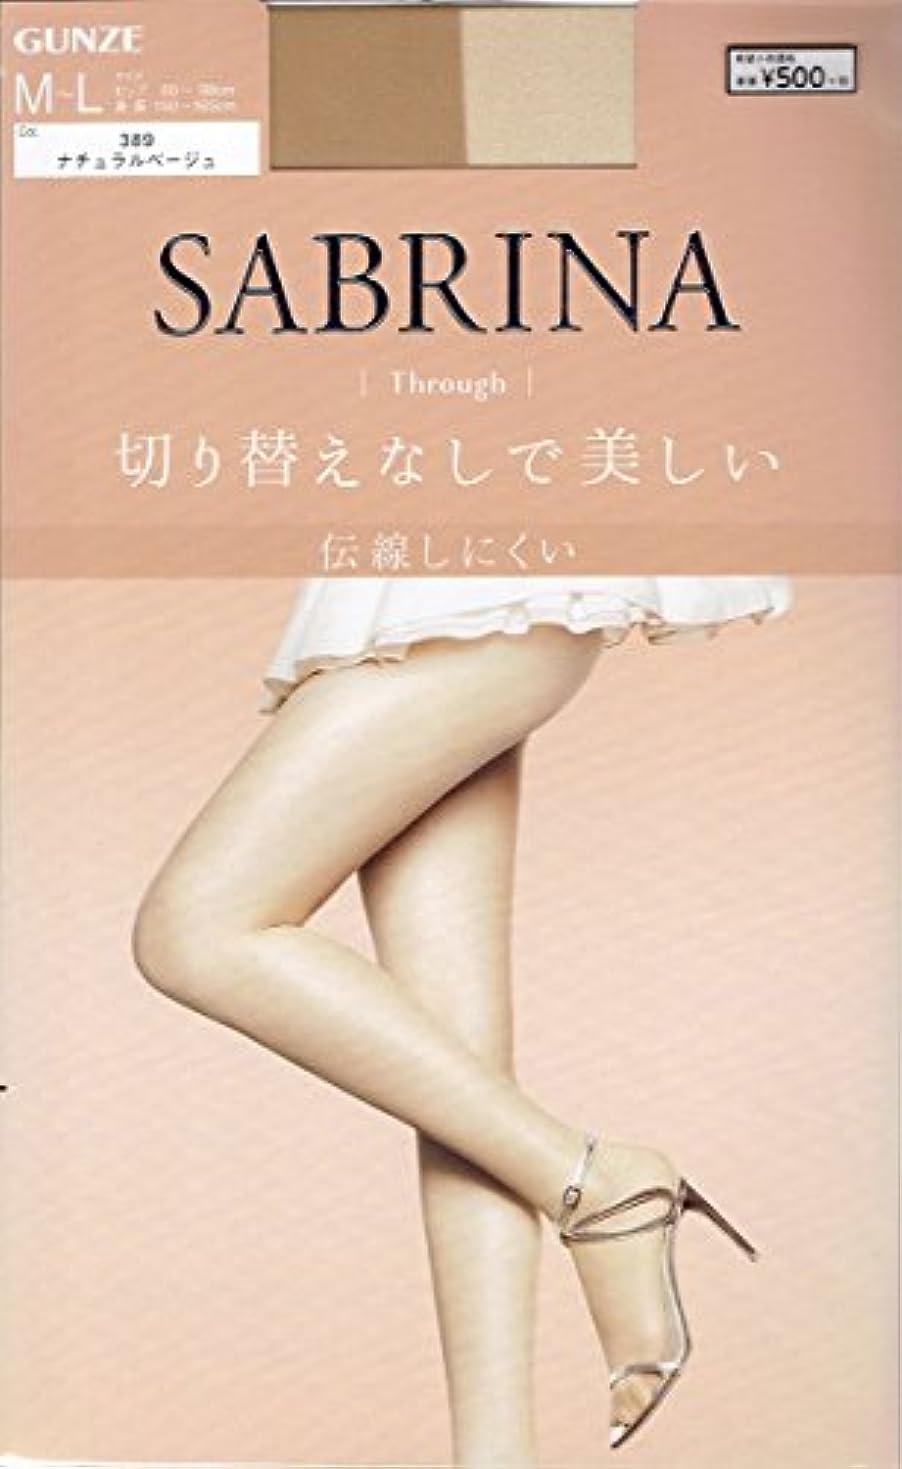 長方形考え徴収SABRINA(サブリナ) オールスルー ストッキングMLナチュラルBE